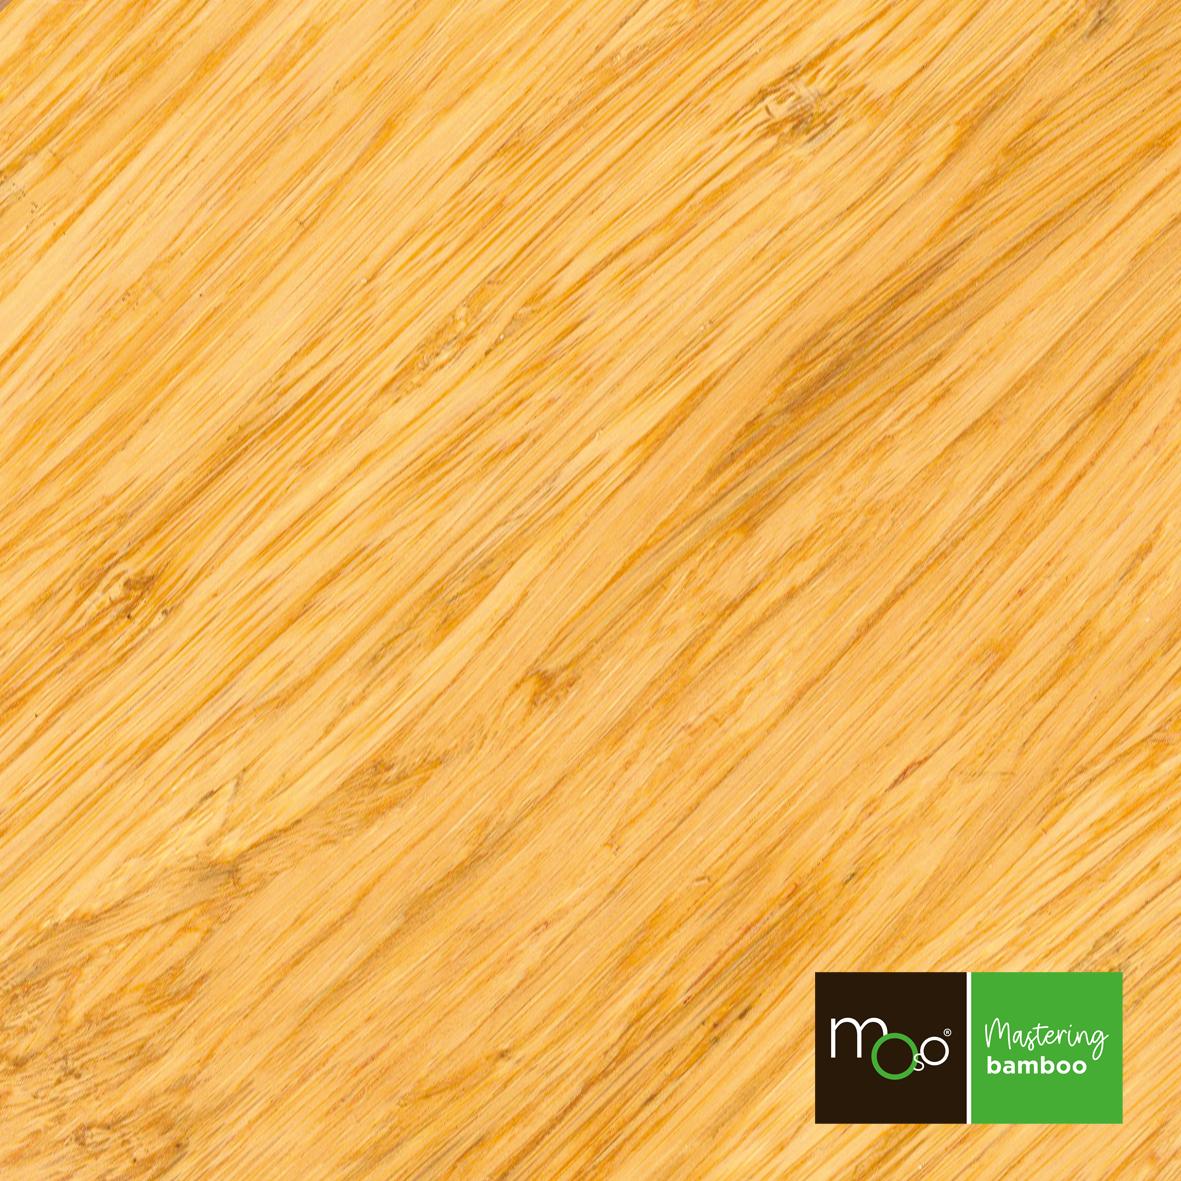 PARAT B bamboo nature density laquered